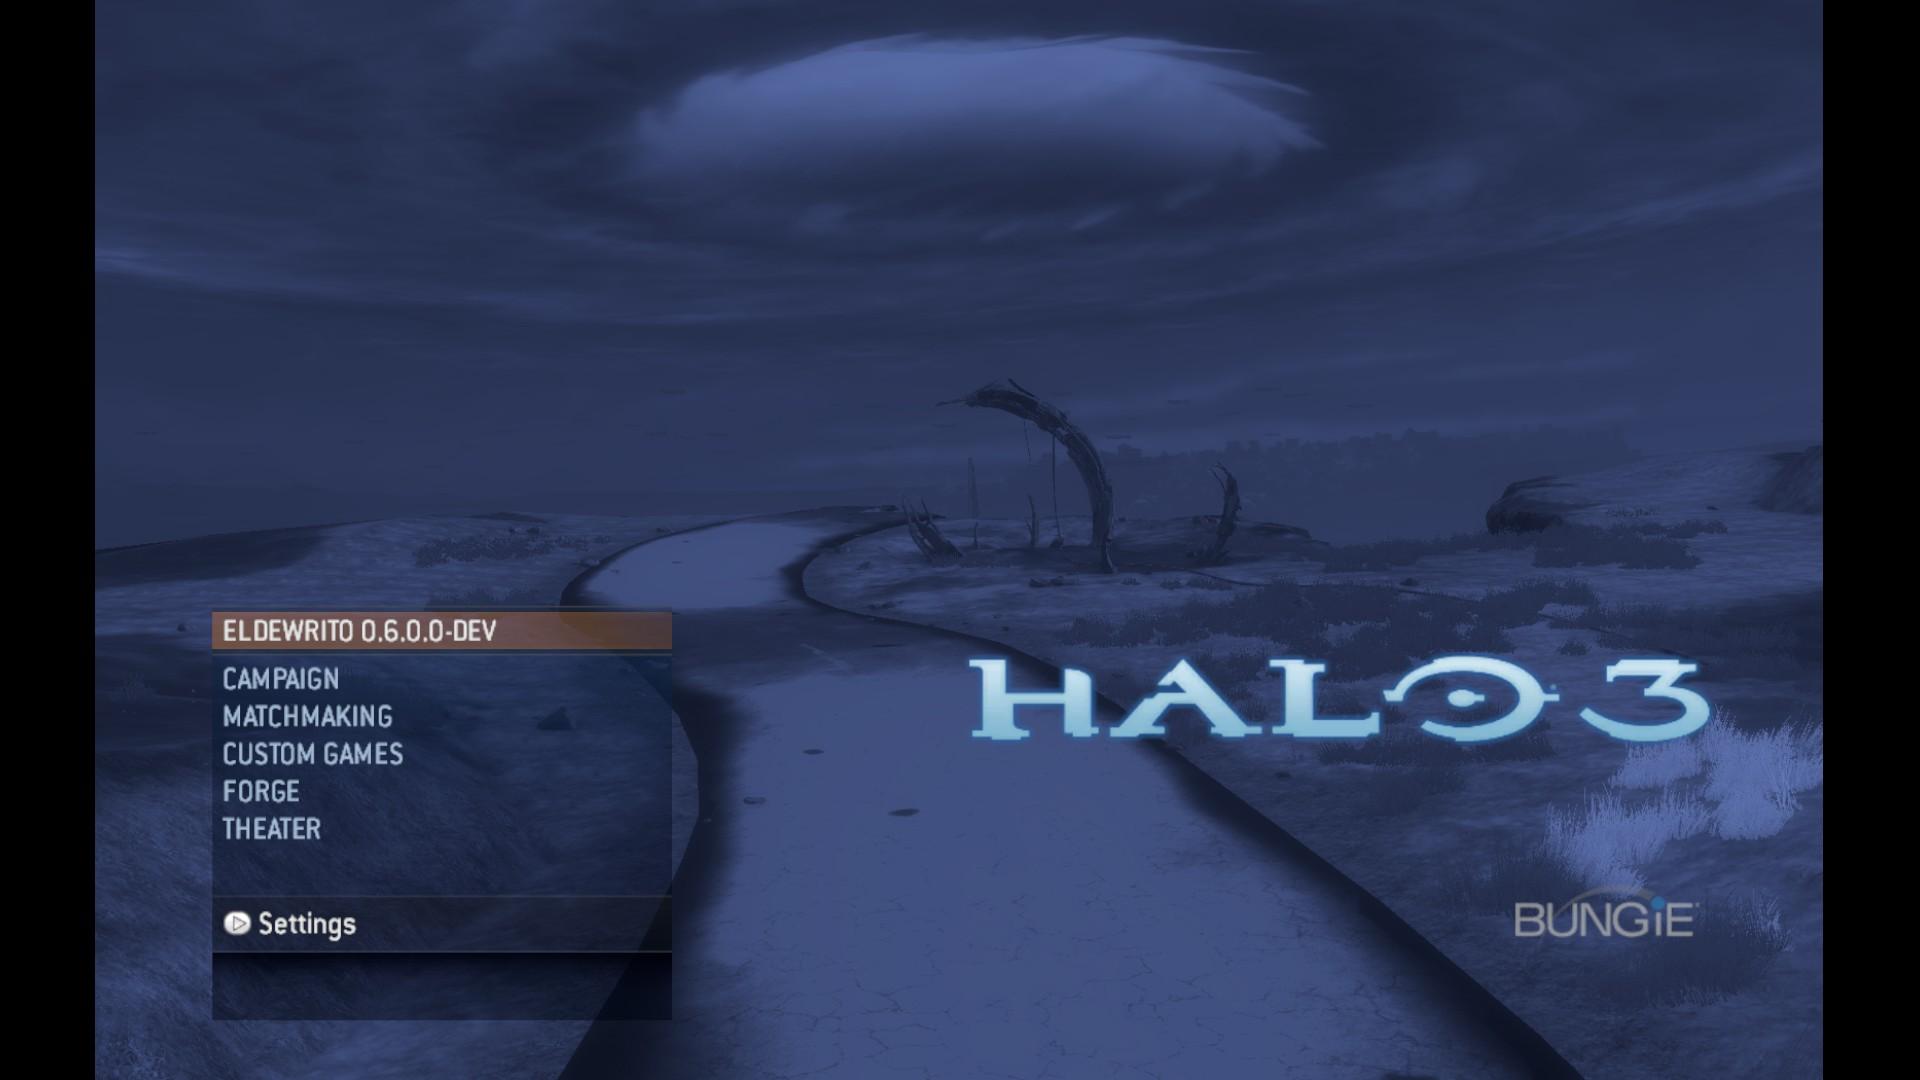 Hvorfor er Halo 4 matchmaking fungerer ikke